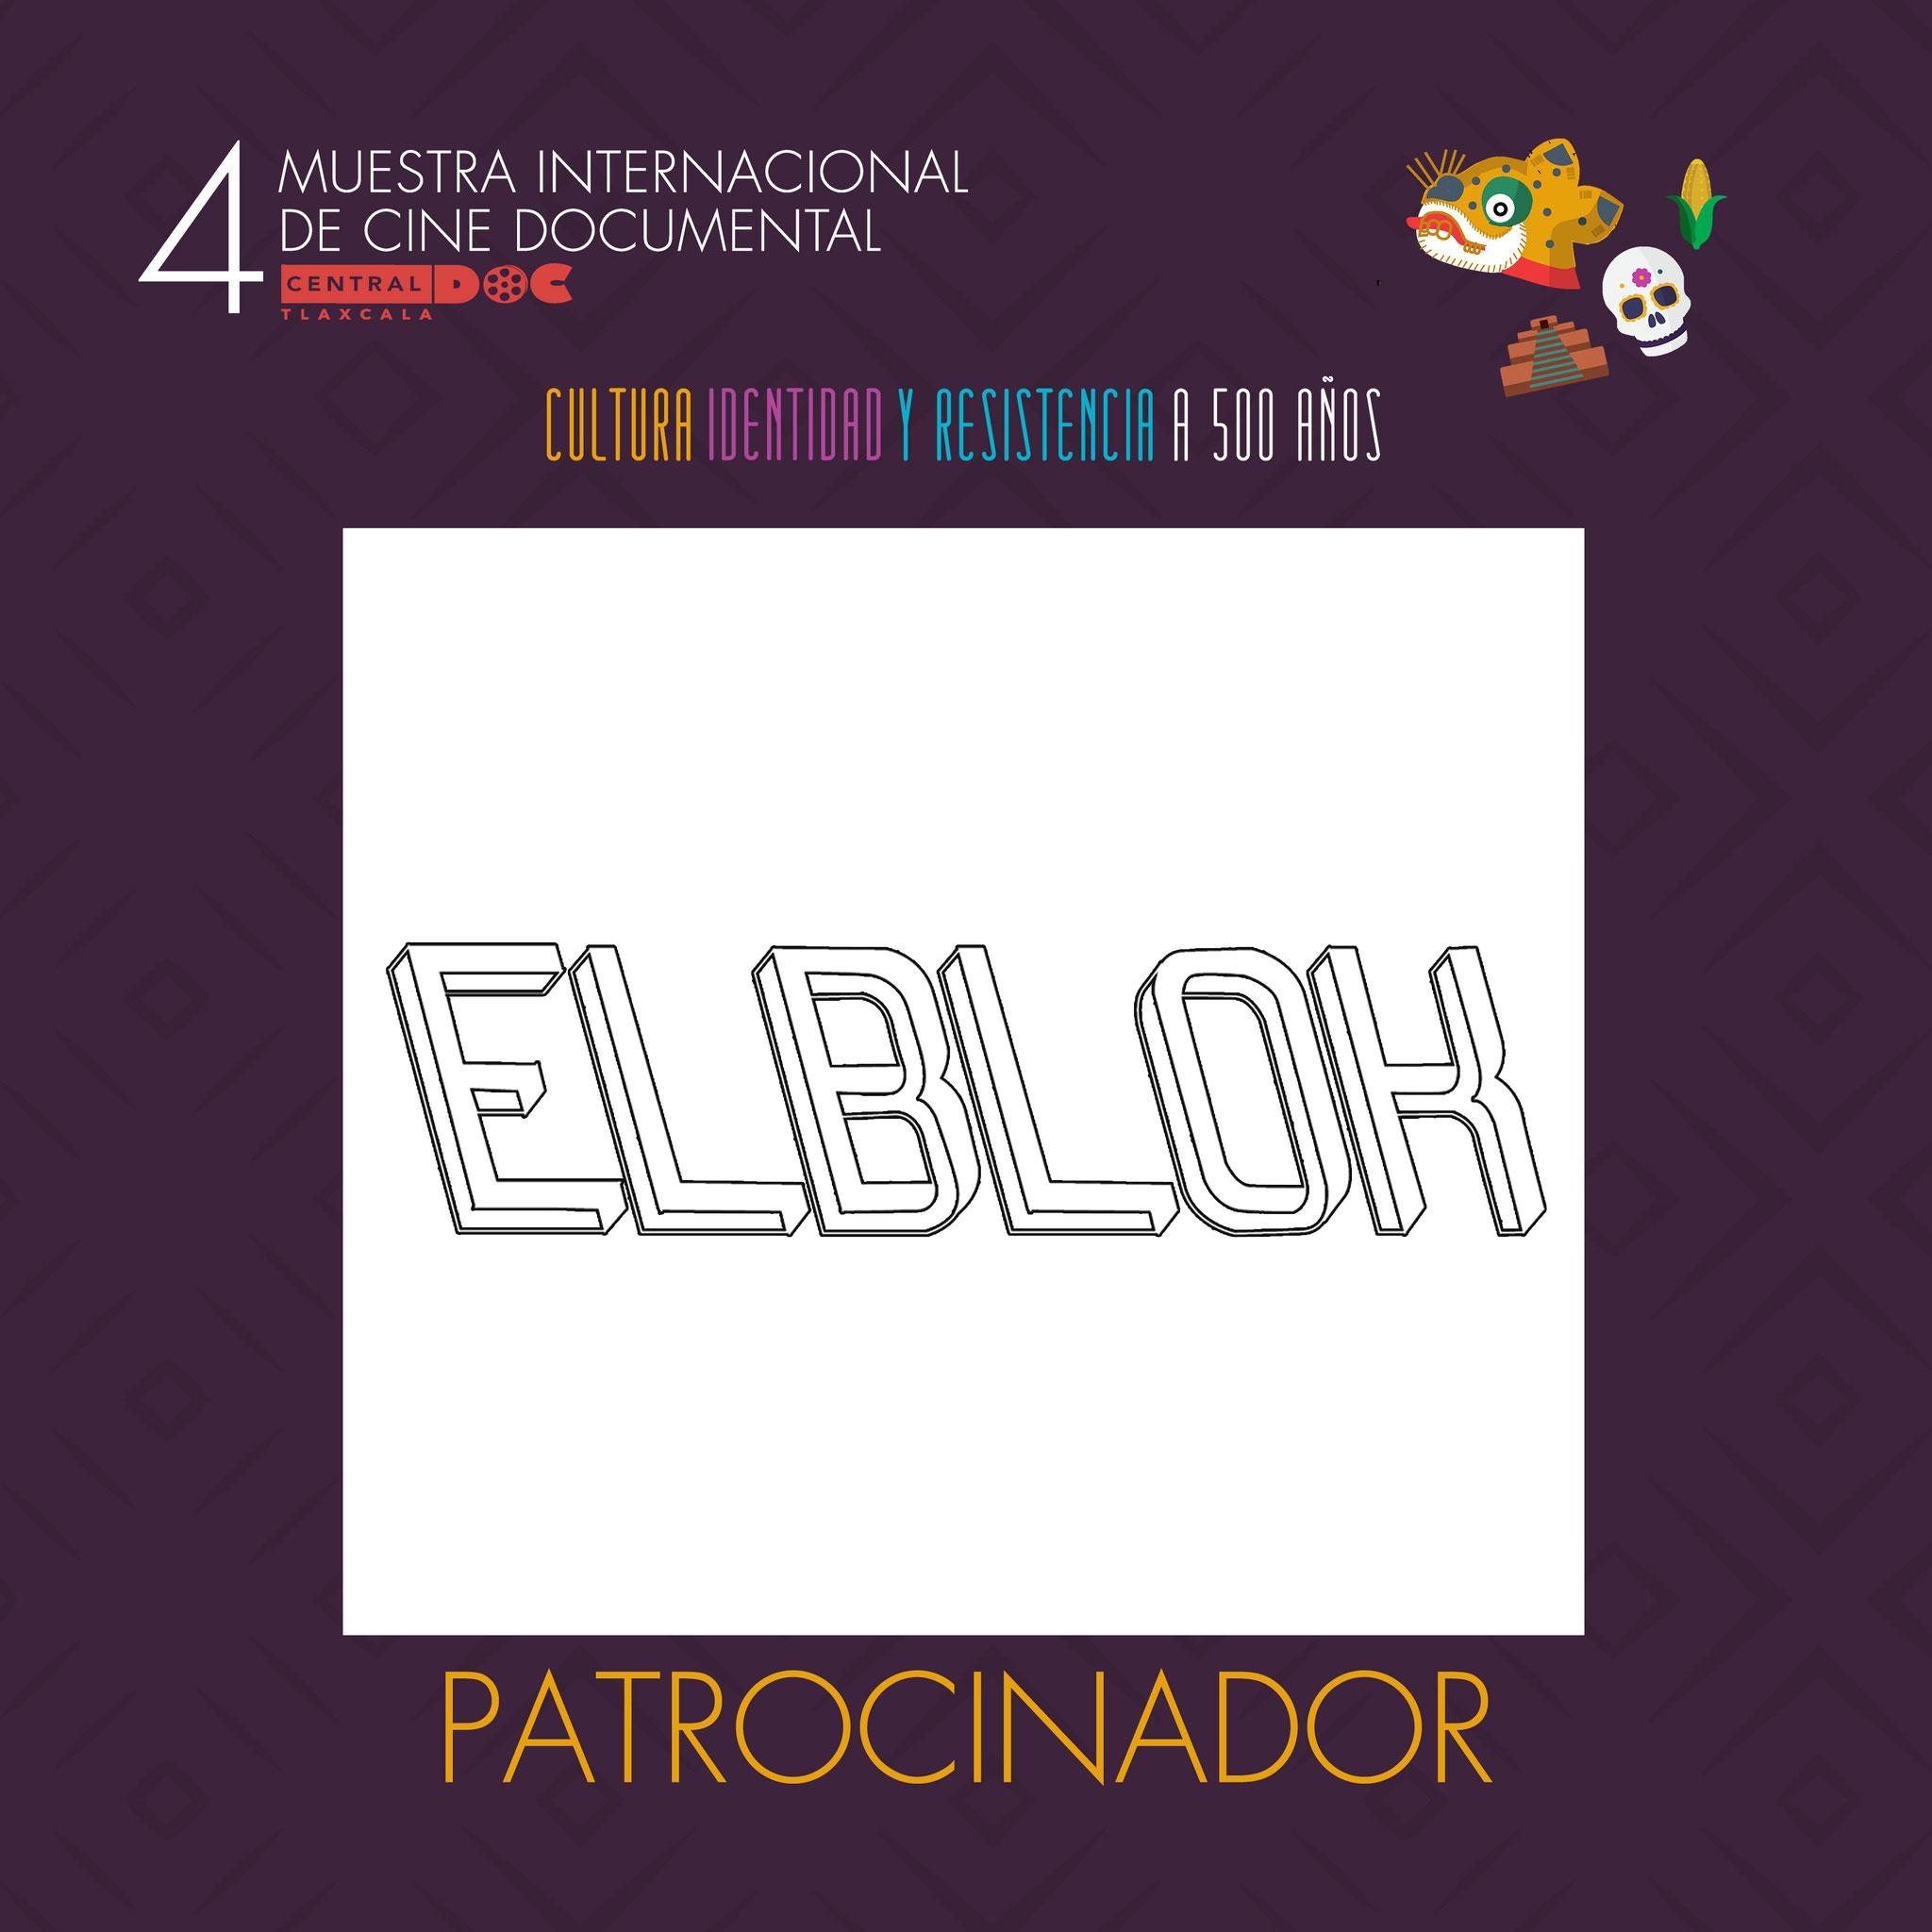 Somos una Plataforma Juvenil Alternativa. Difundimos Sucesos Creativos y Culturales con colaboradores en Puebla - Tlaxcala - CDMX - Ensenada - Ciudad Juárez- Durango - Veracruz - Chiapas.